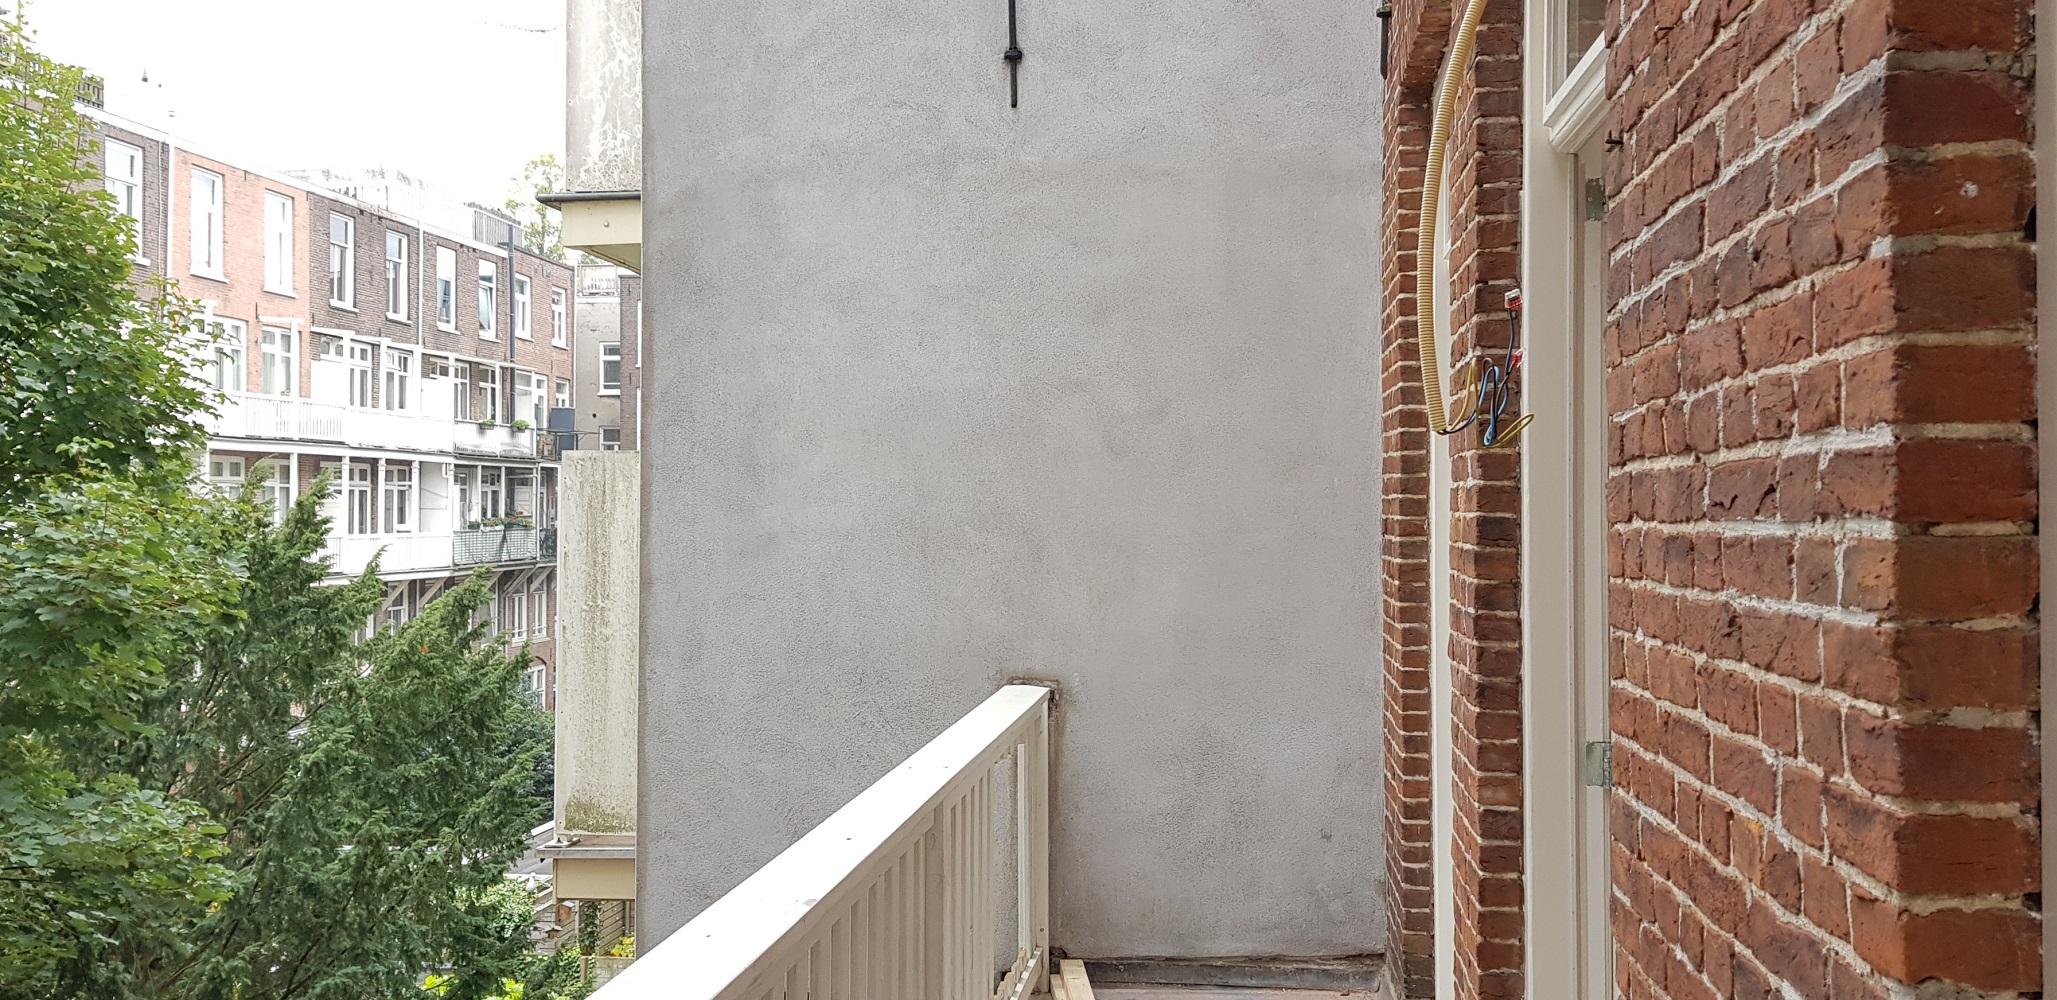 UFA Bouw_Verbouwing_Bosboom Toussaintstraat 31_balkon achterzijde